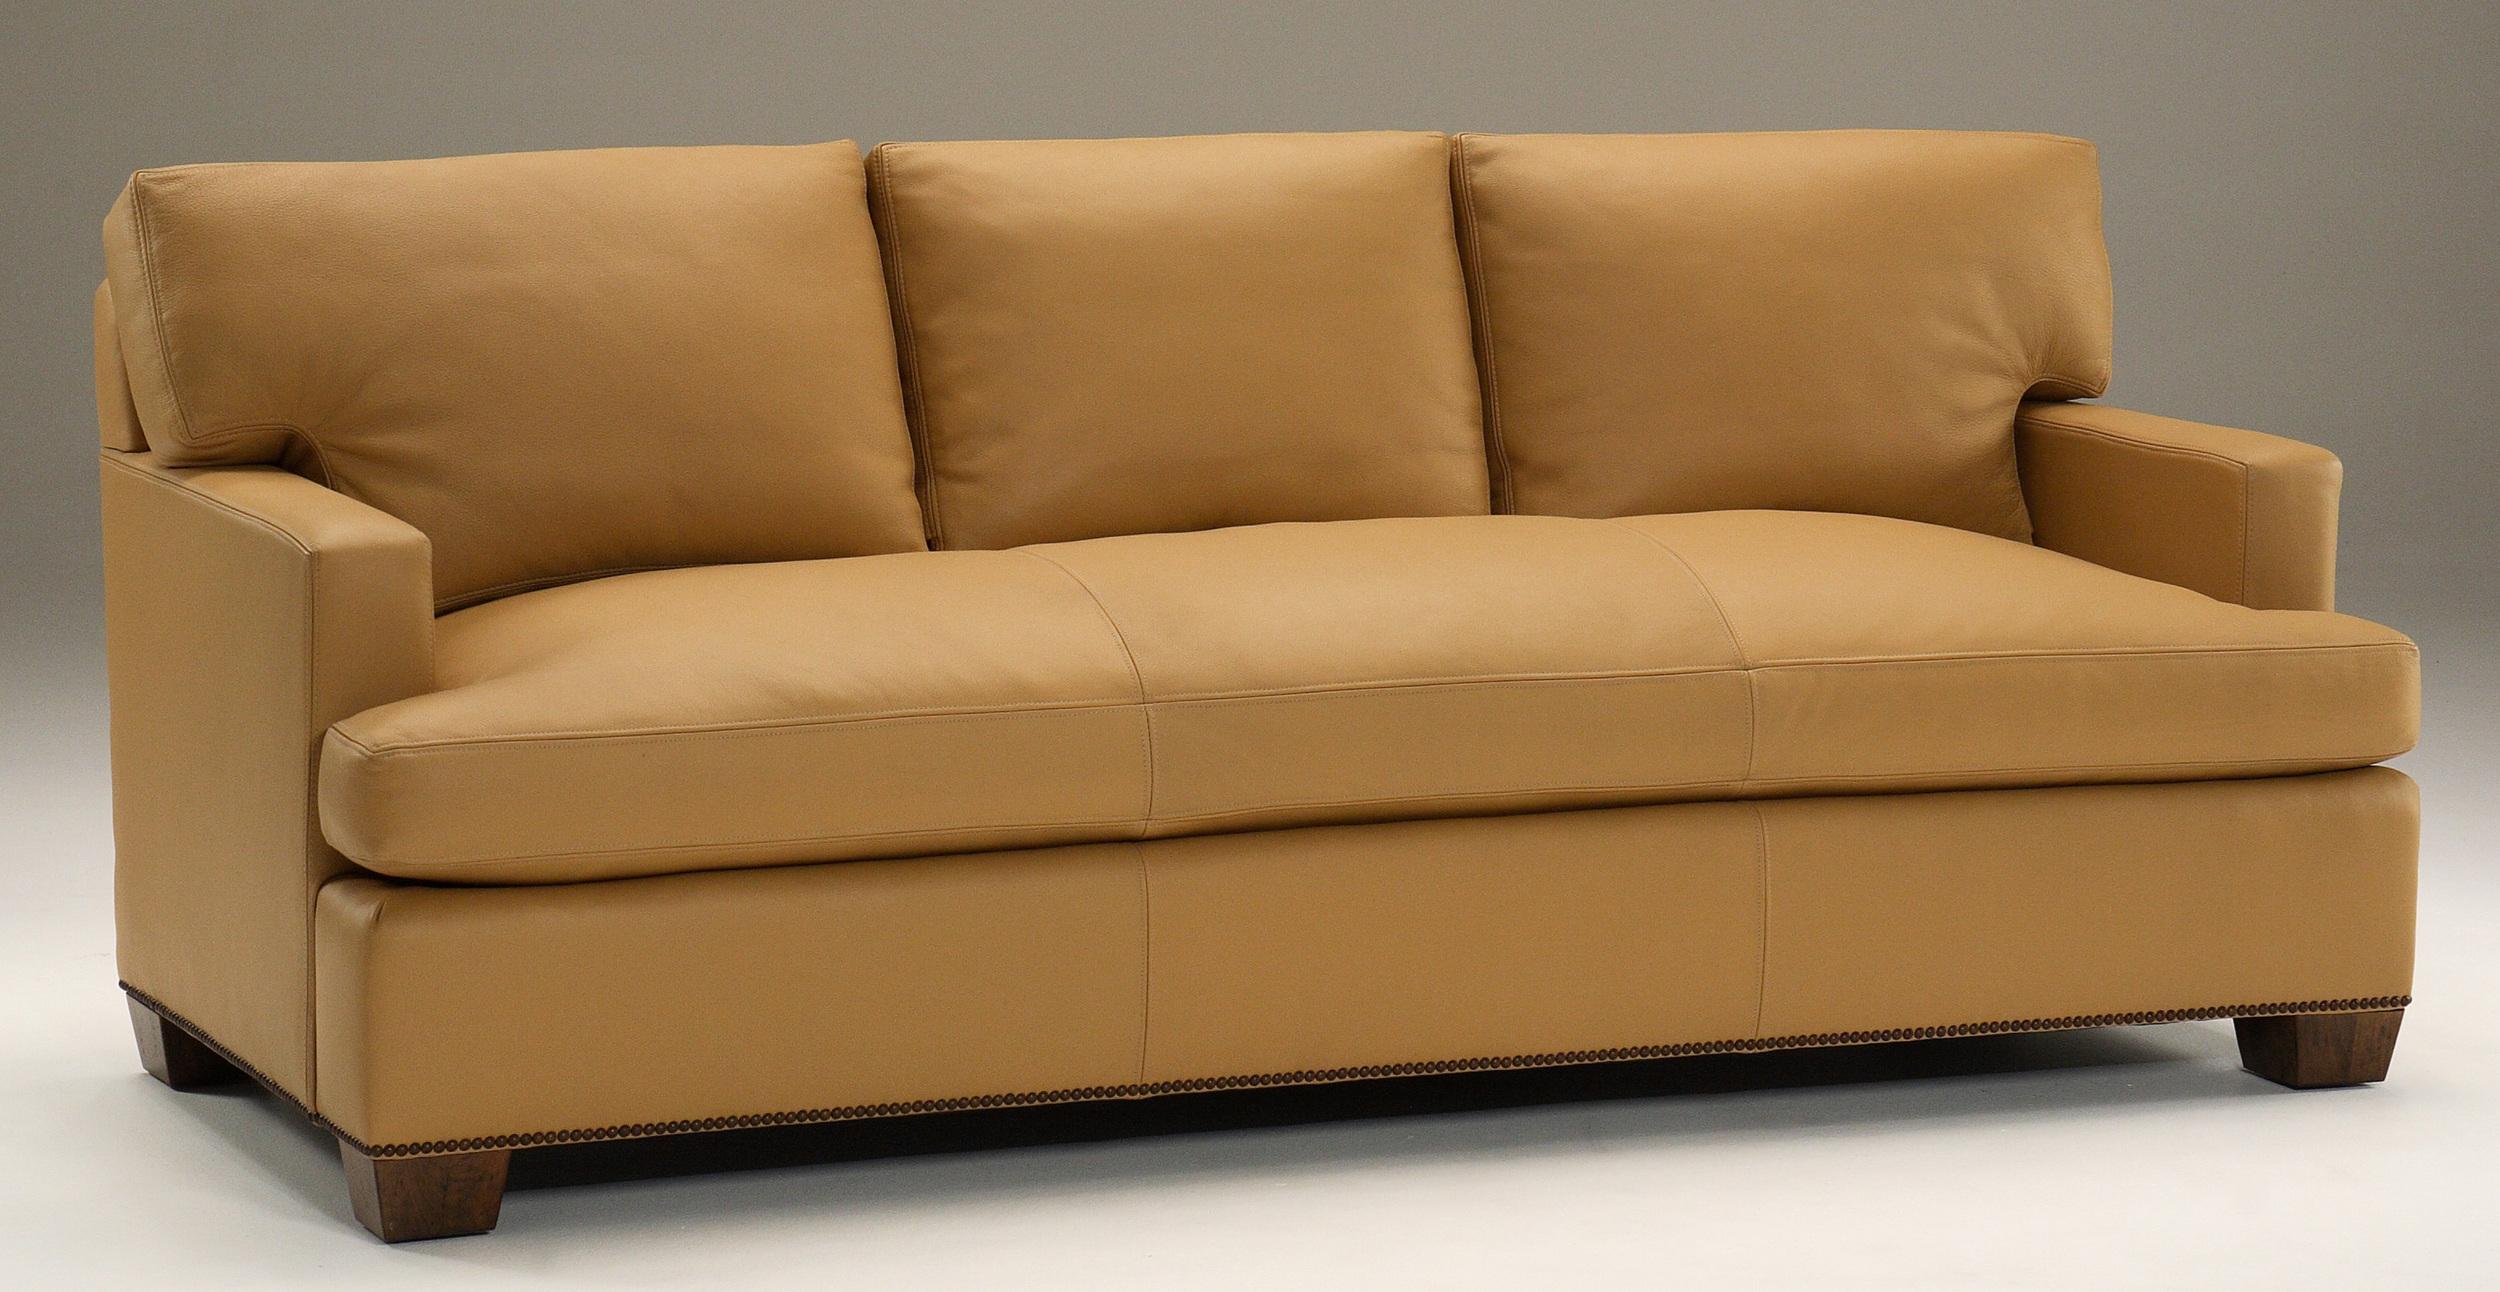 113 sofa